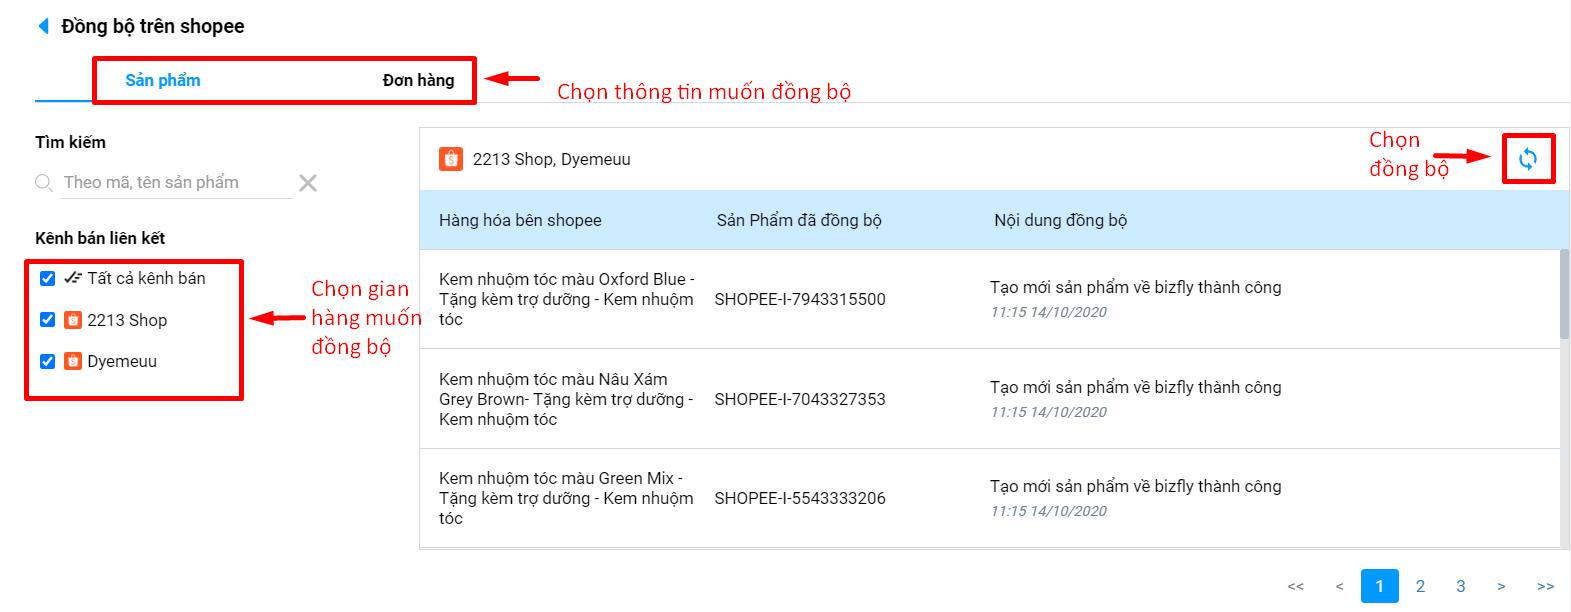 quản lý gian hàng bán lẻ trên nhiều trang TMĐT như Shopee, Lazada chỉ với Bizfly E-shop